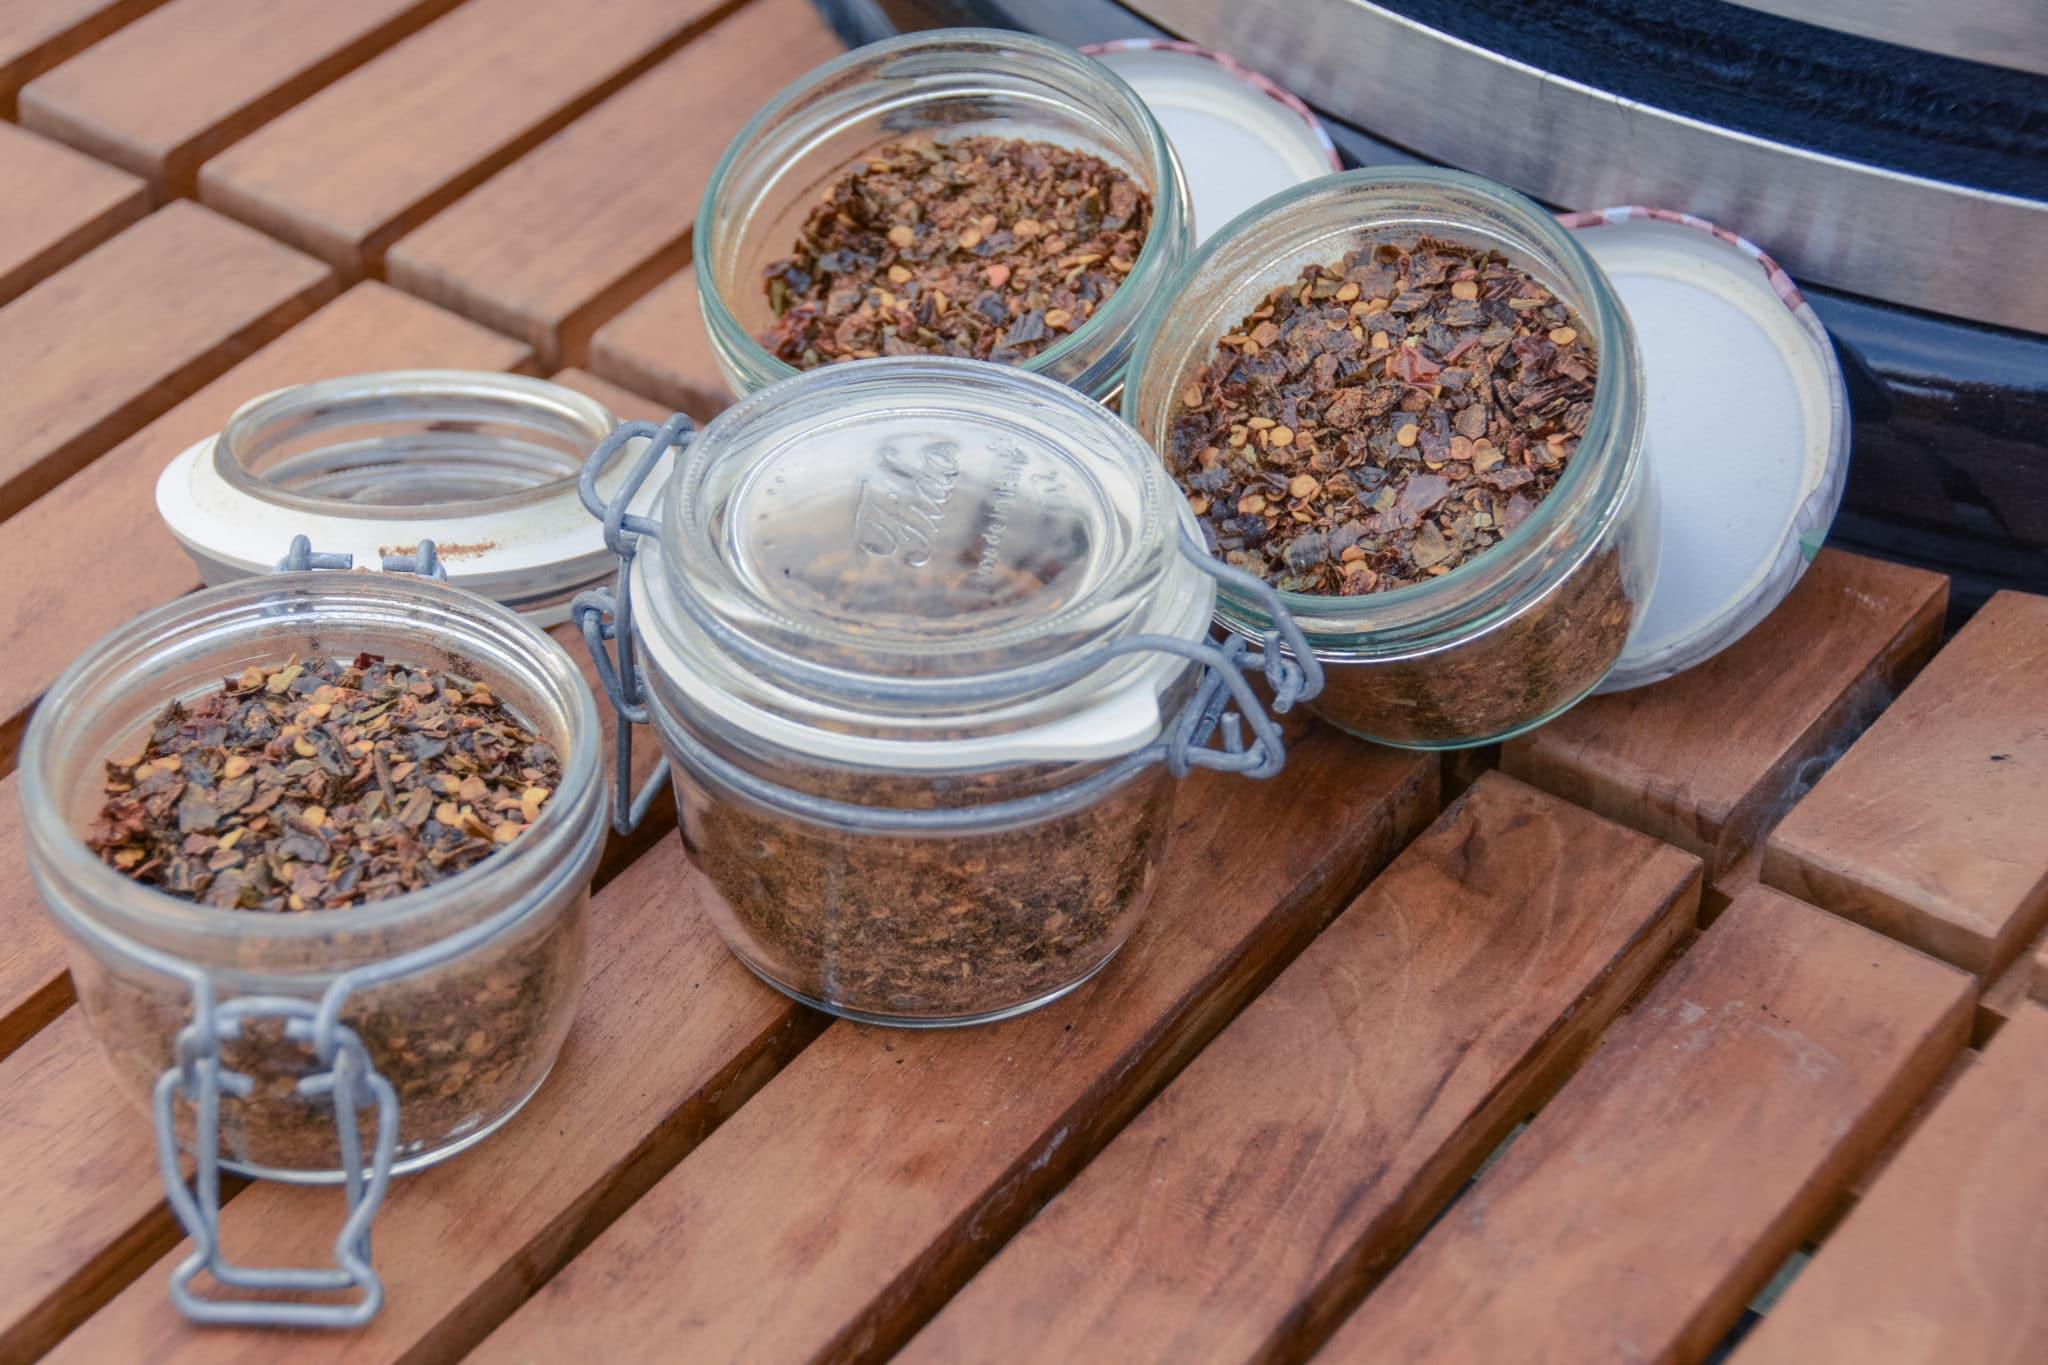 Geräuchertes Chili Gewürz fertig in Gläschen abgefüllt